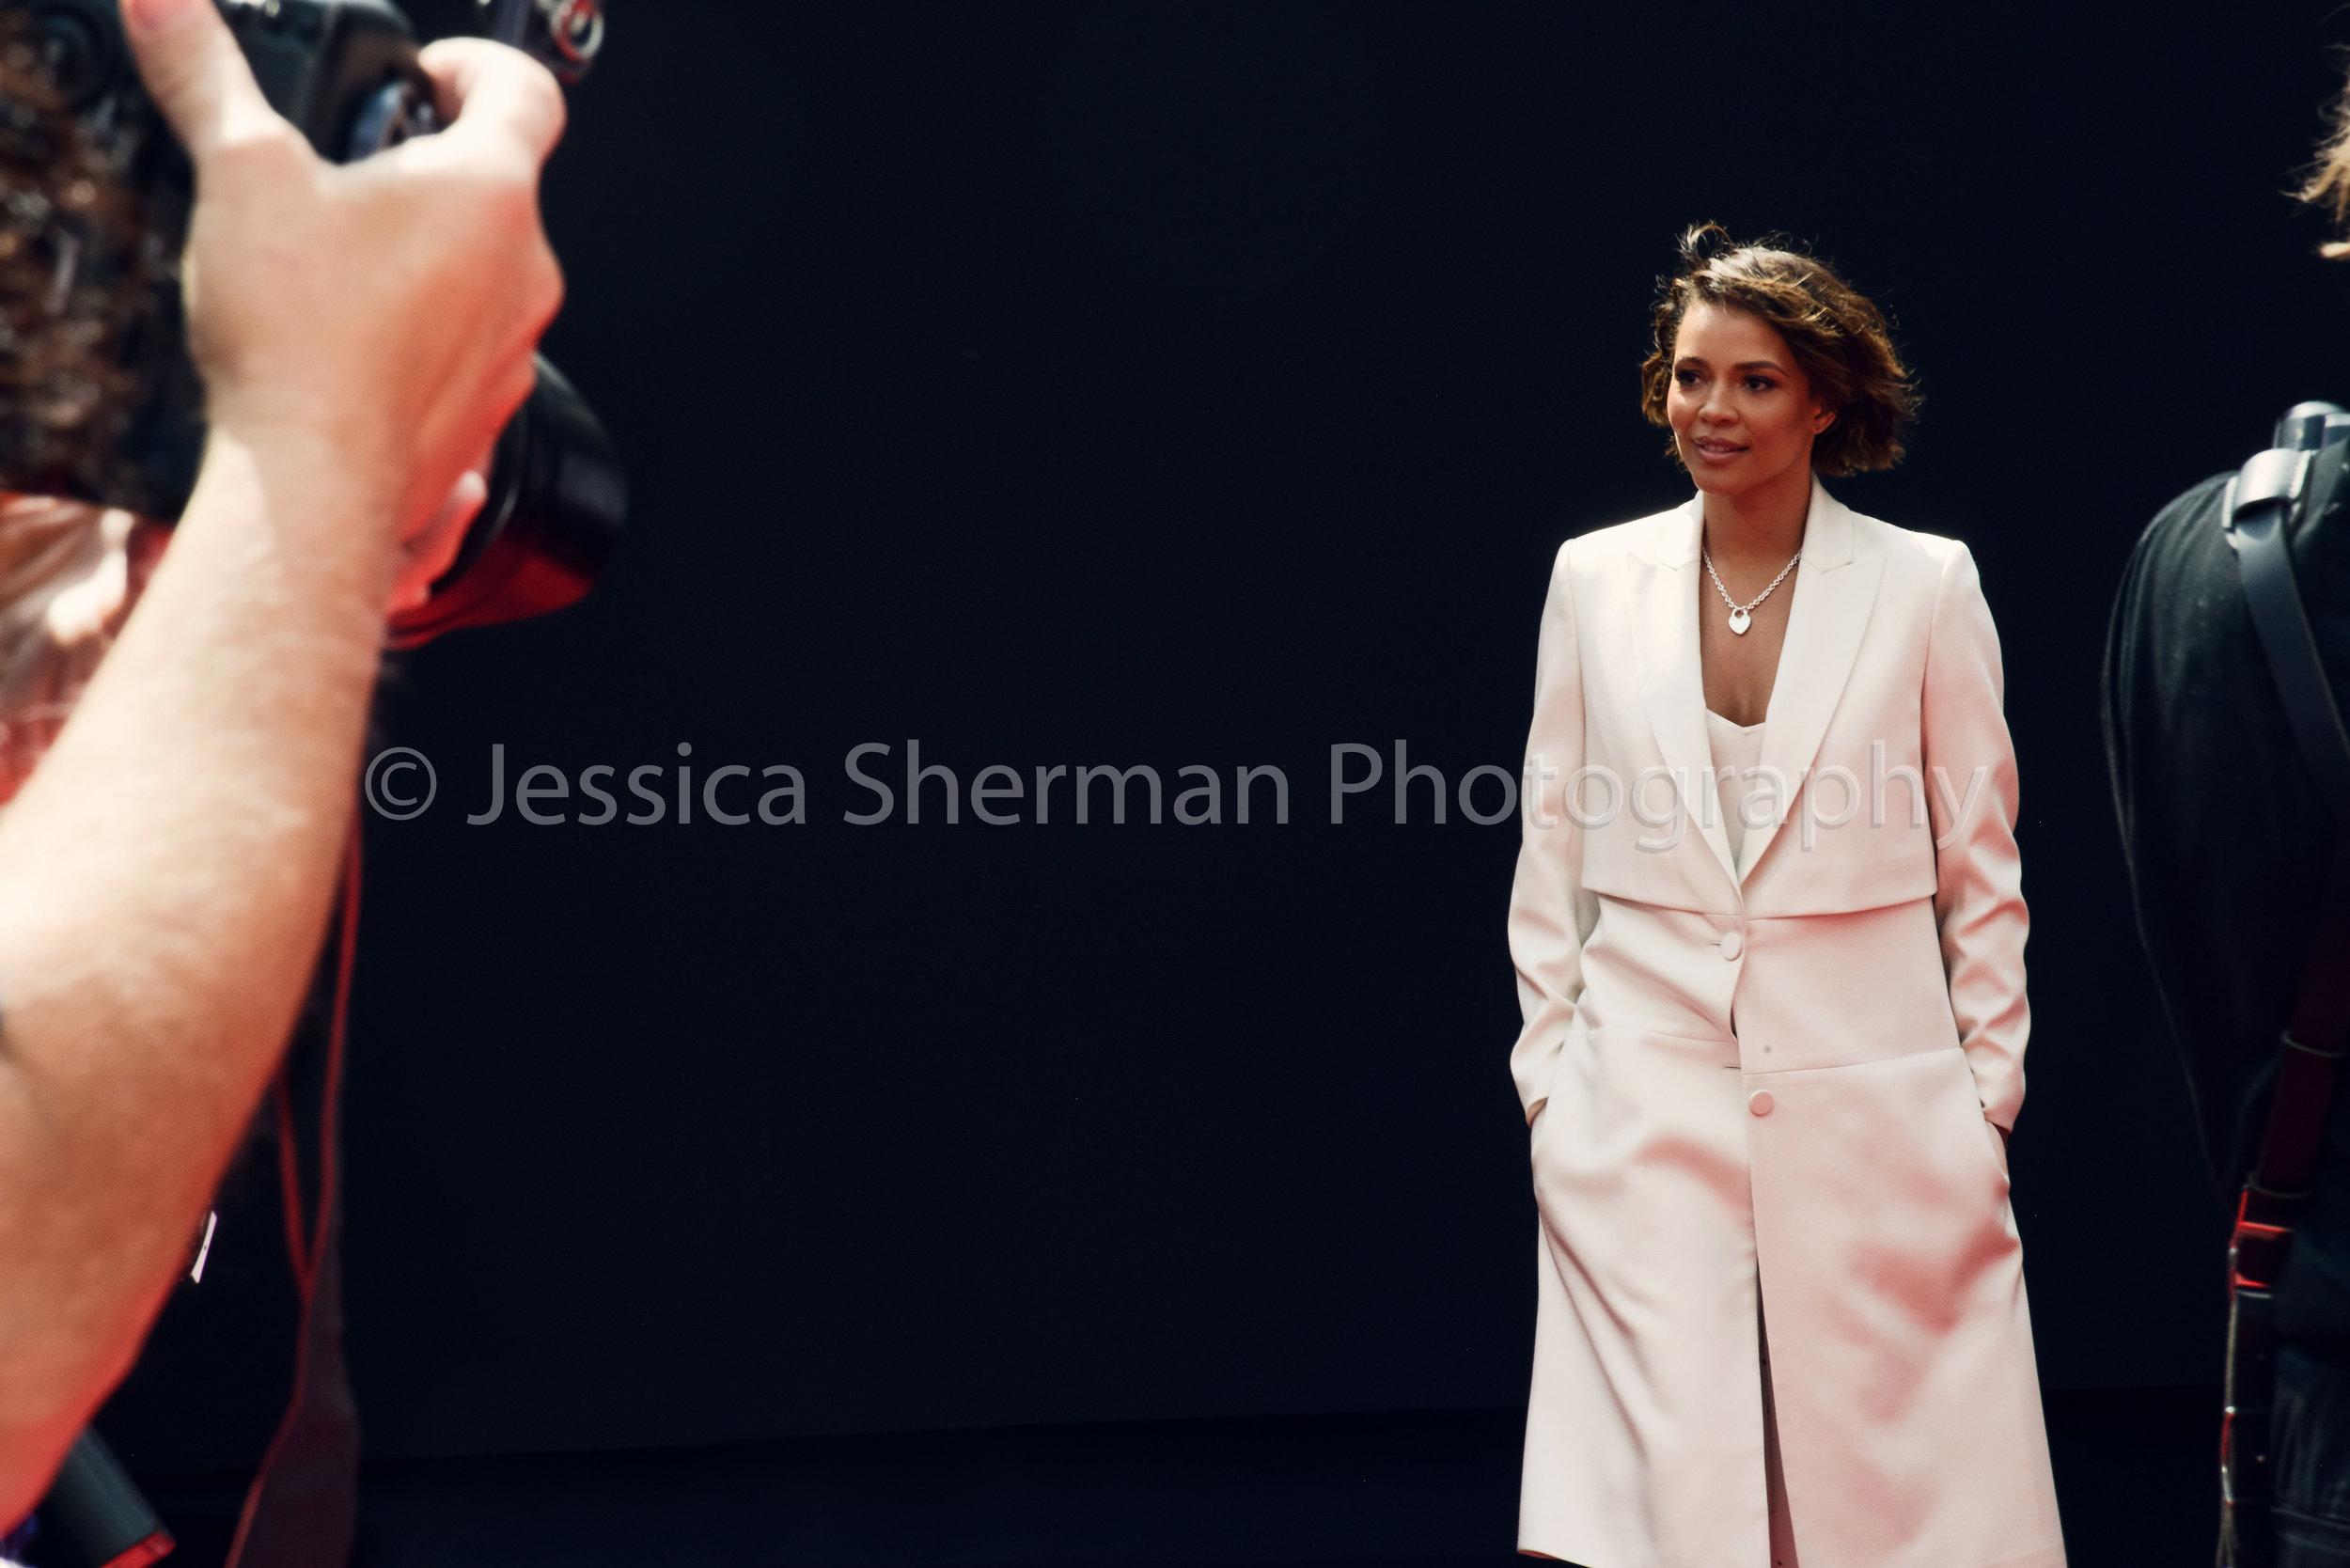 Carmen-Ejogo-JessicaSherman1 (1 of 1).jpg